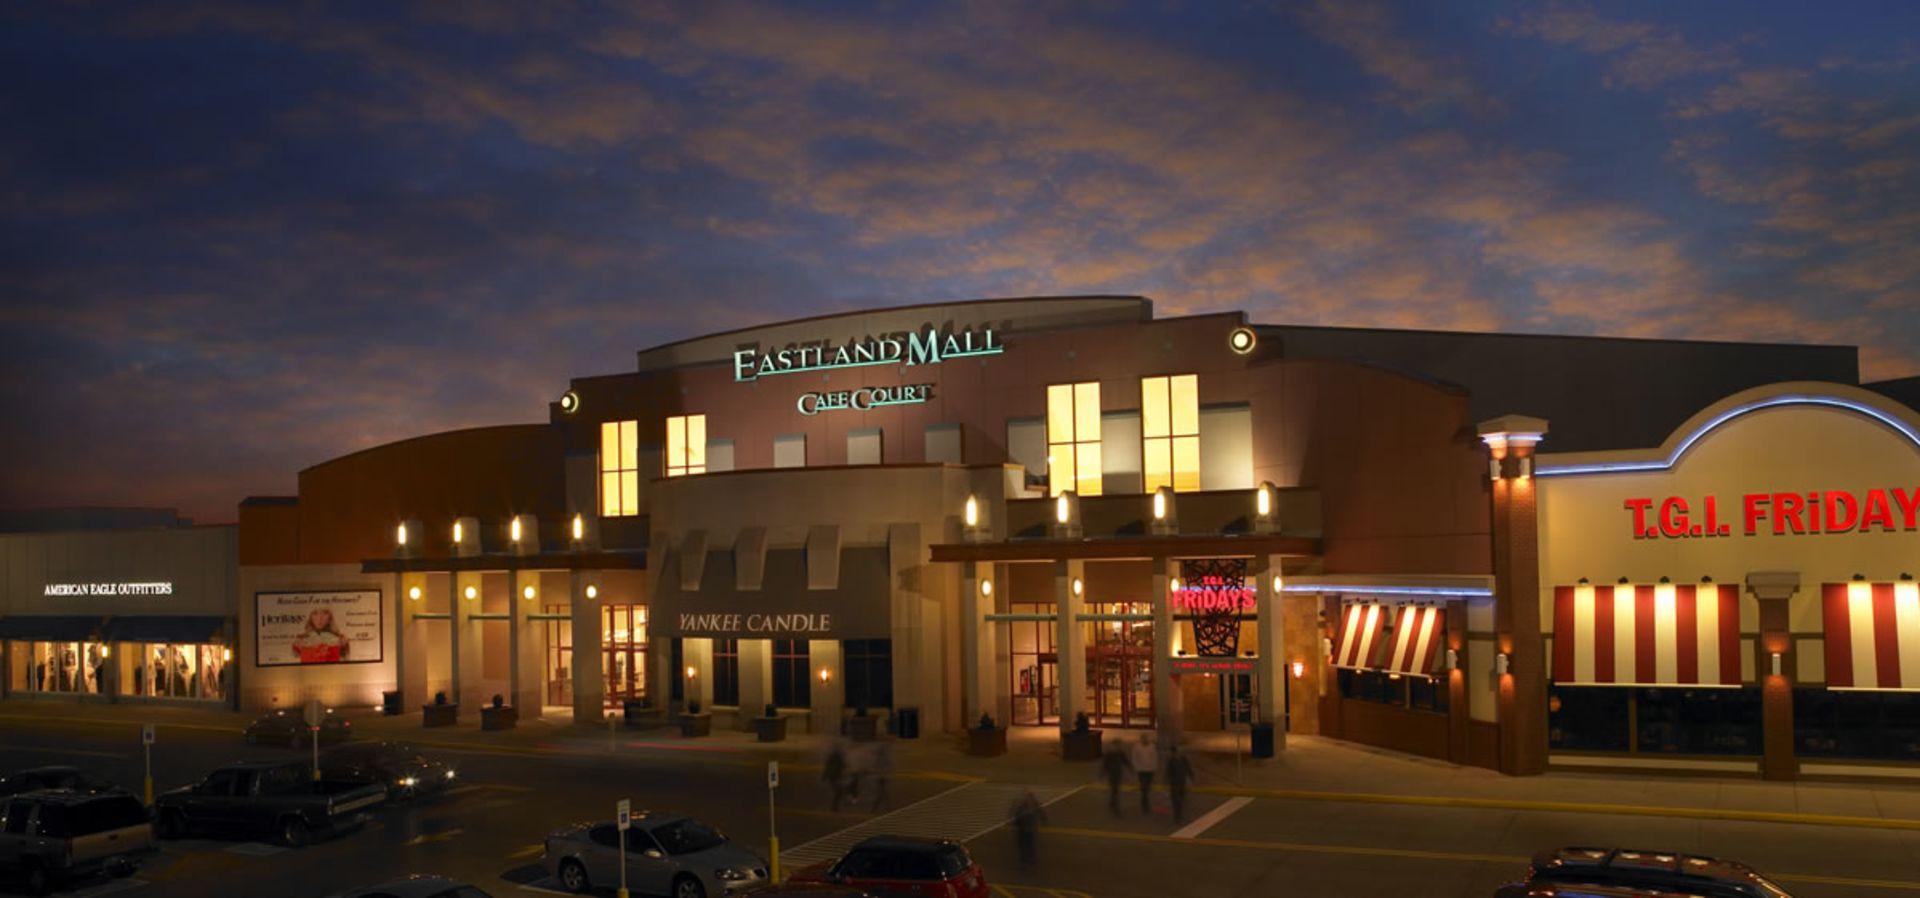 Evansville East Side